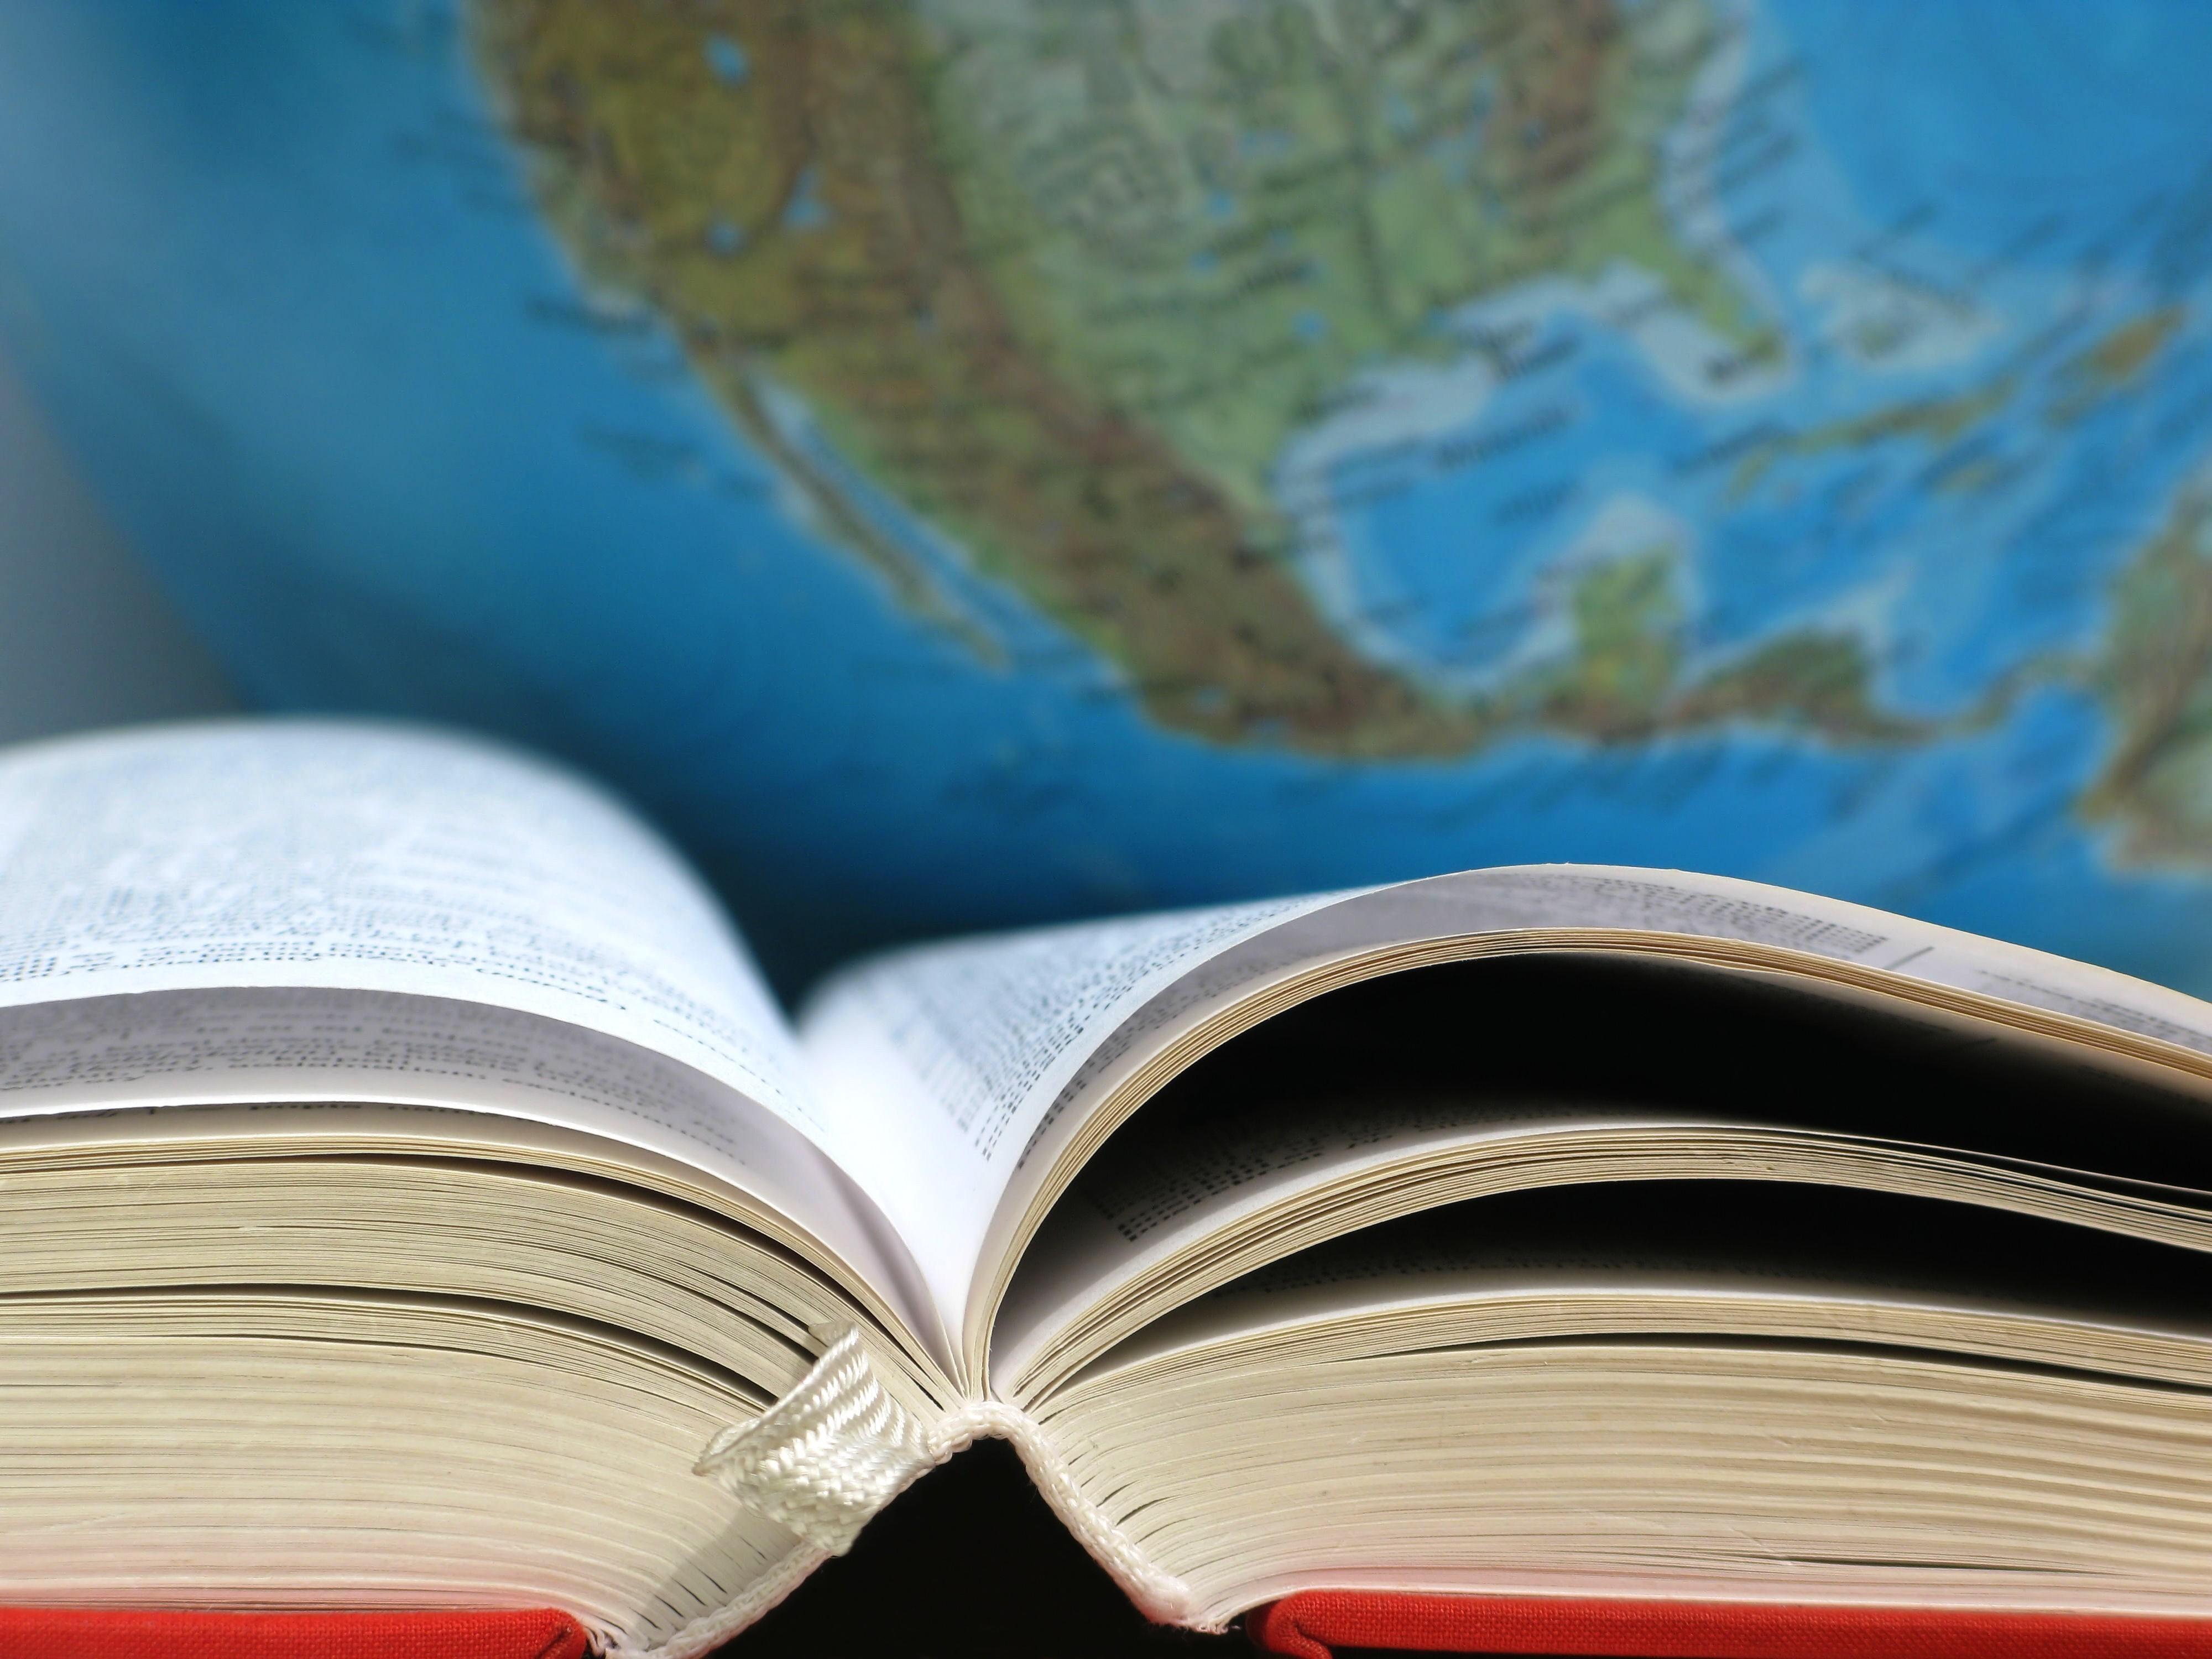 aufgeklapptes Buch mit Weltkugel im Hintergrund